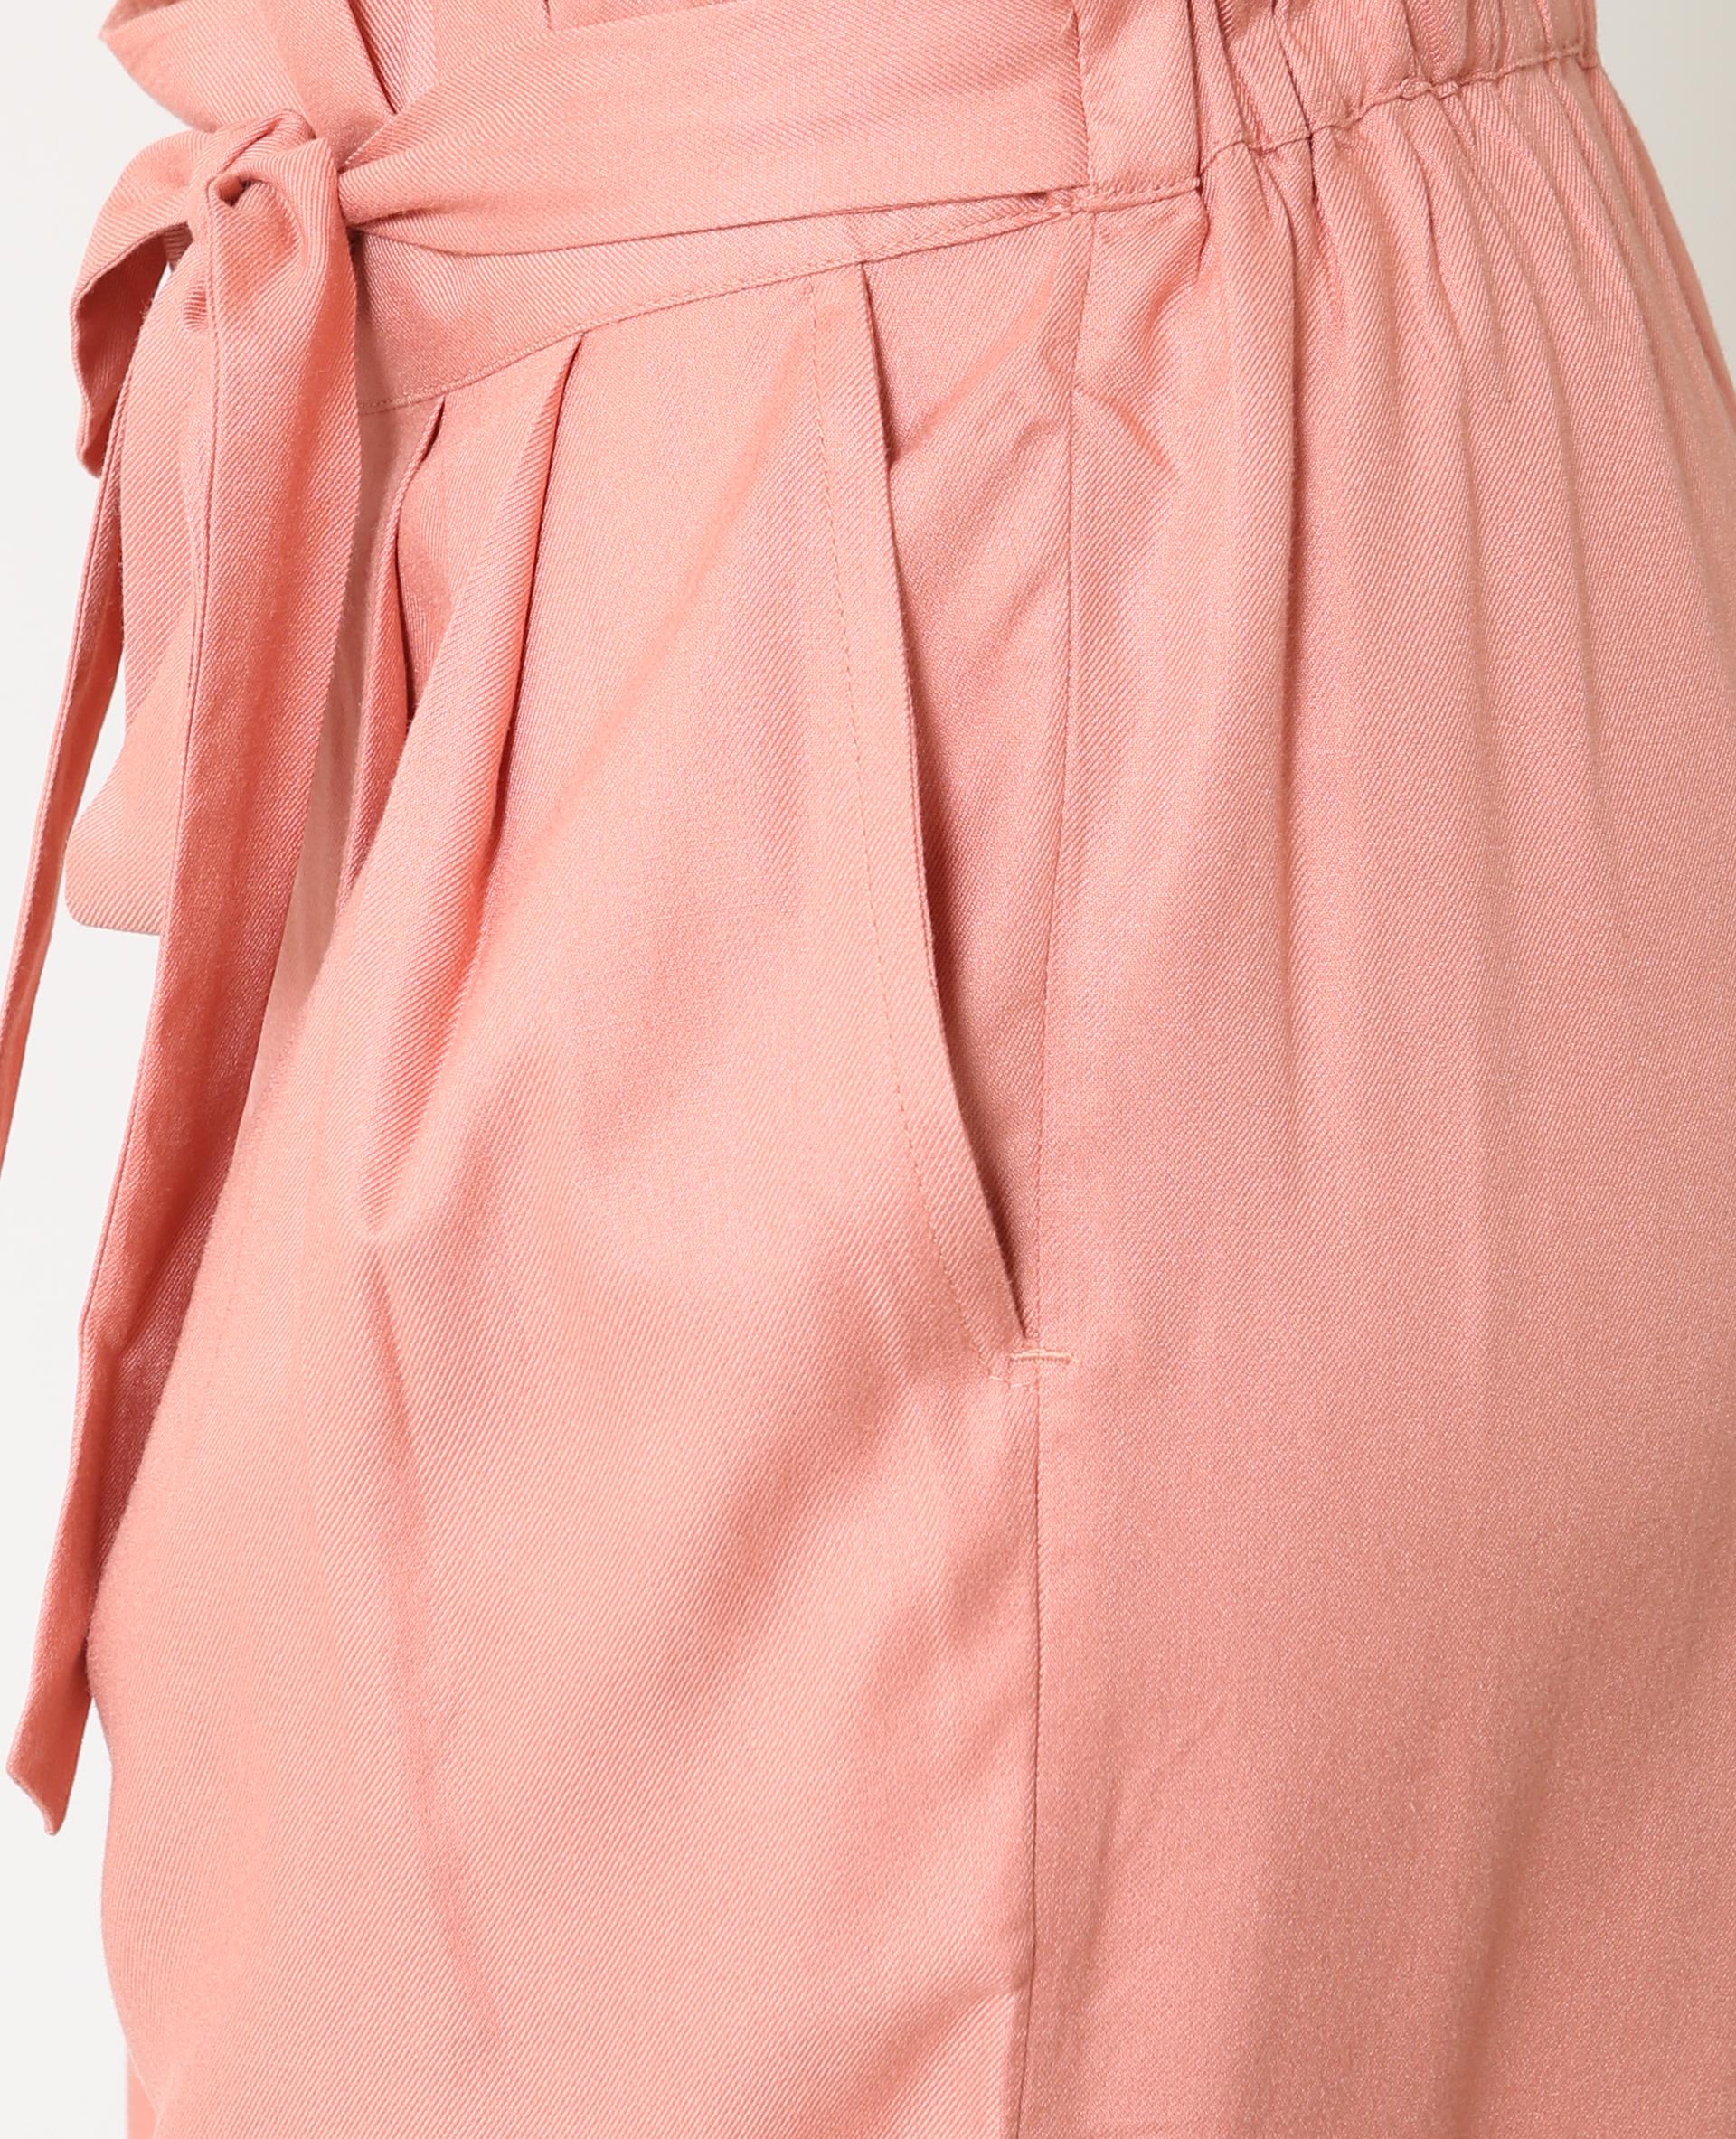 c2771816aed4a Pantalon large rose poudré - 140630I25A02   Pimkie